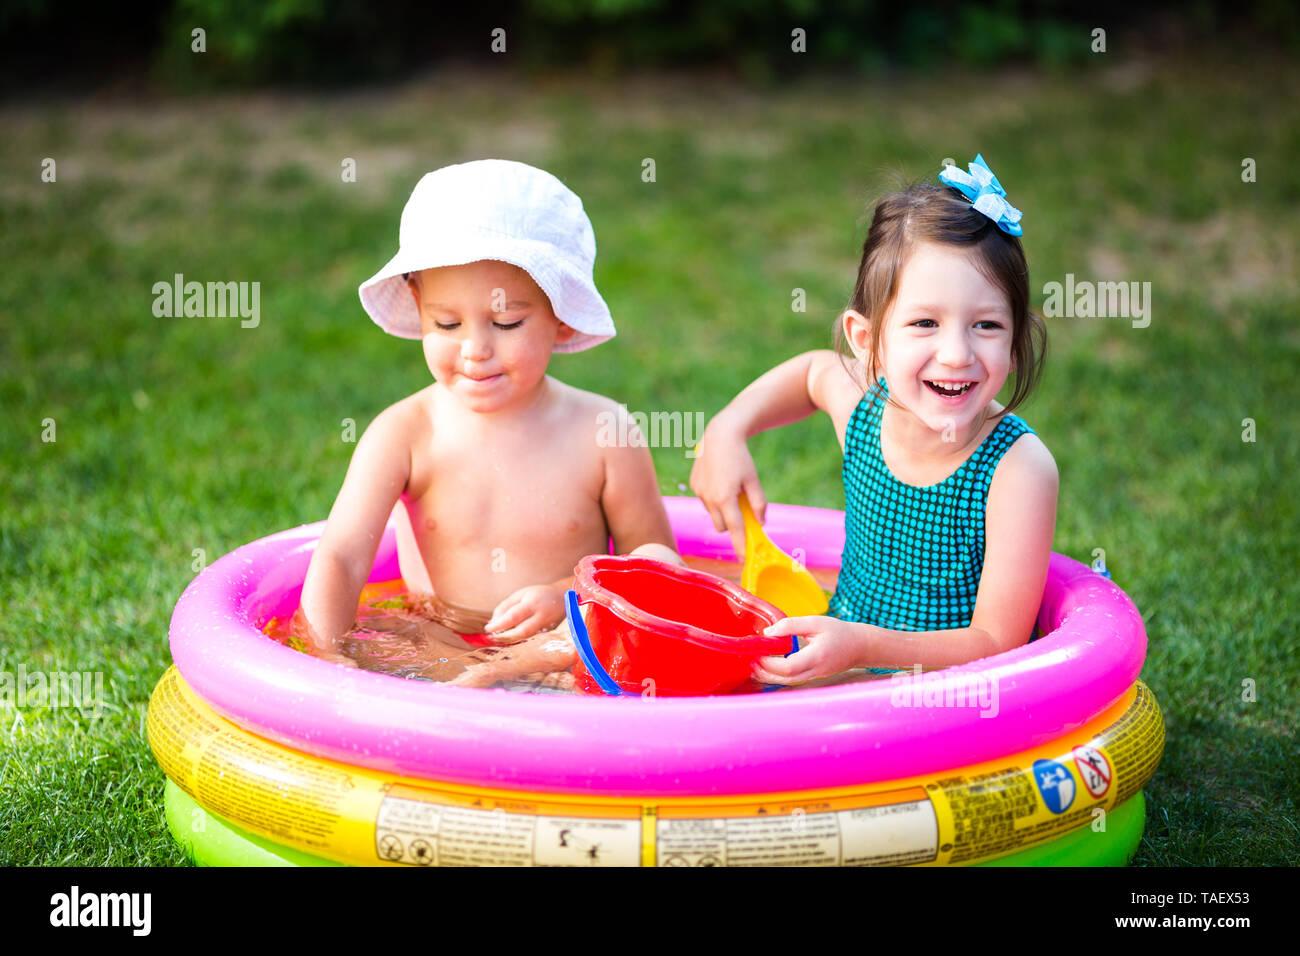 Kindheit Sommer Spiele mit Wasser Pool. Kaukasische Bruder